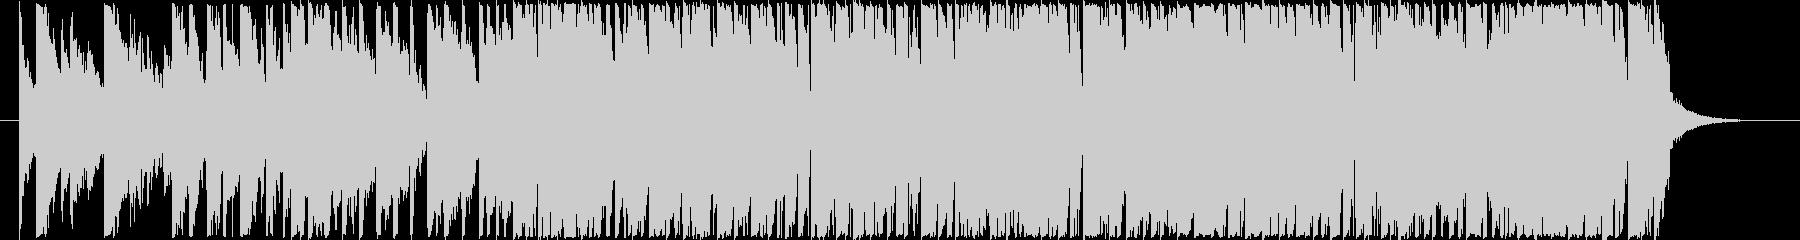 煌びやかなピアノ音色入りテクノポップの未再生の波形